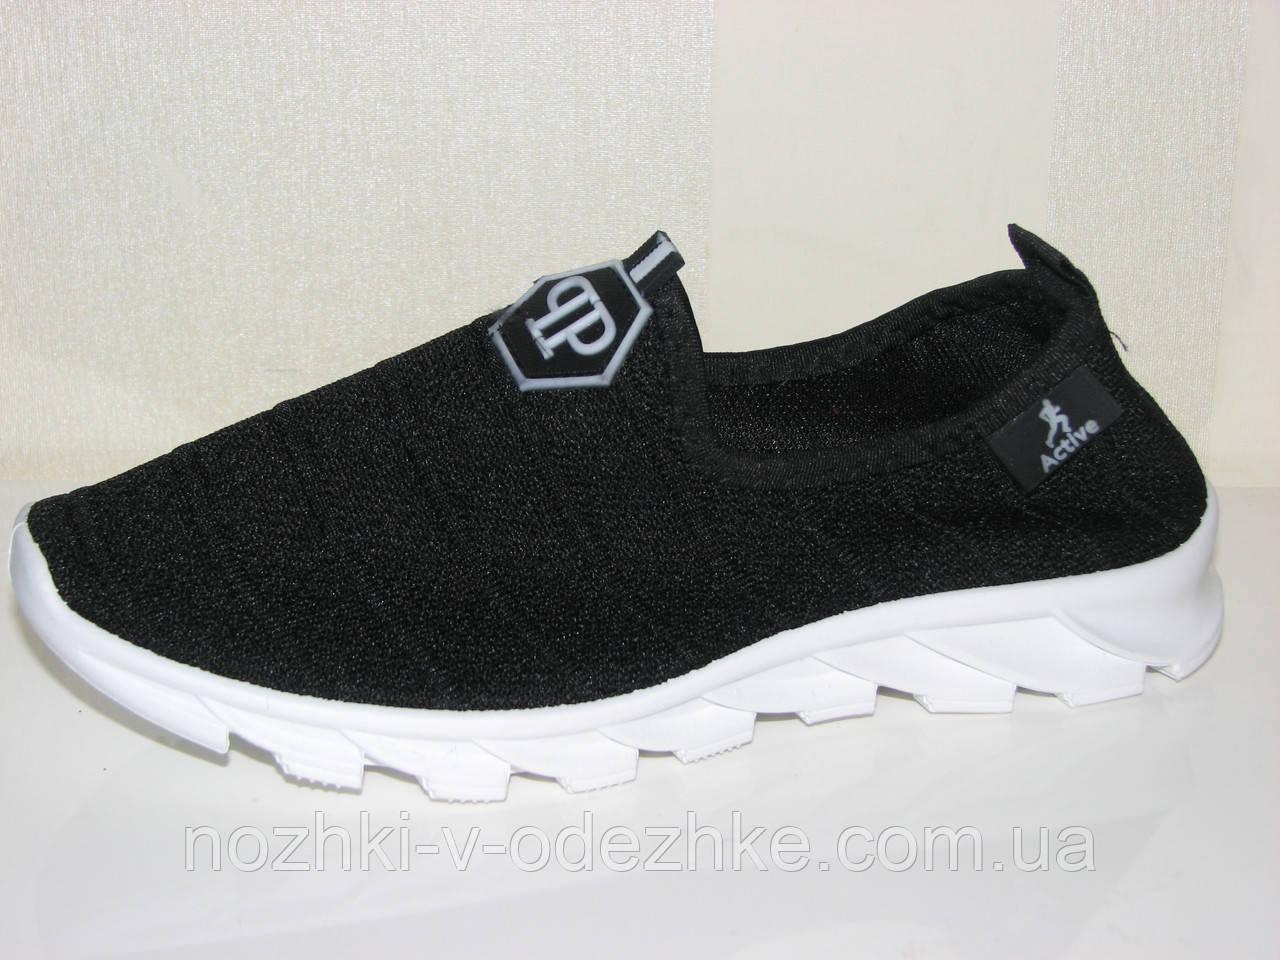 Подросковые тканевые кеды кроссовки, мокасины черные на резиновой подошве  легкие - Интернет магазин